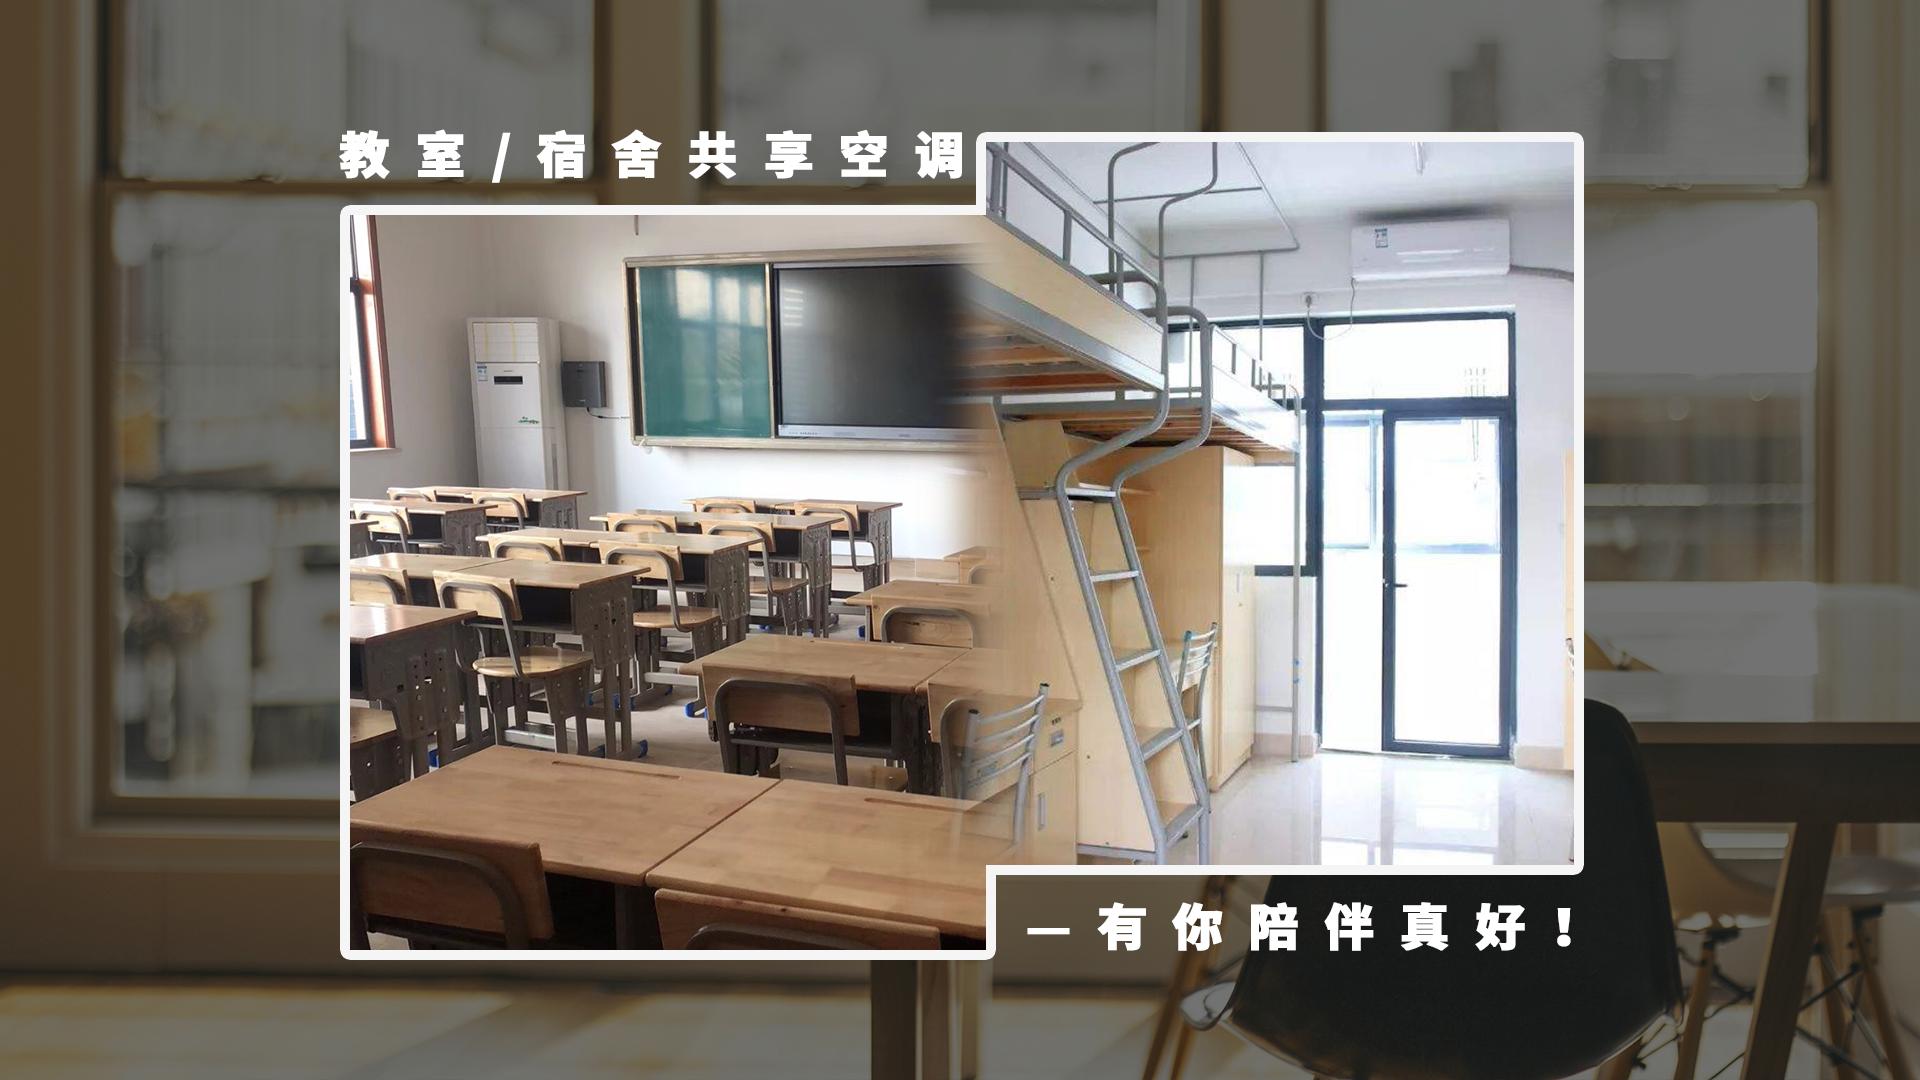 宿舍教室空调pe